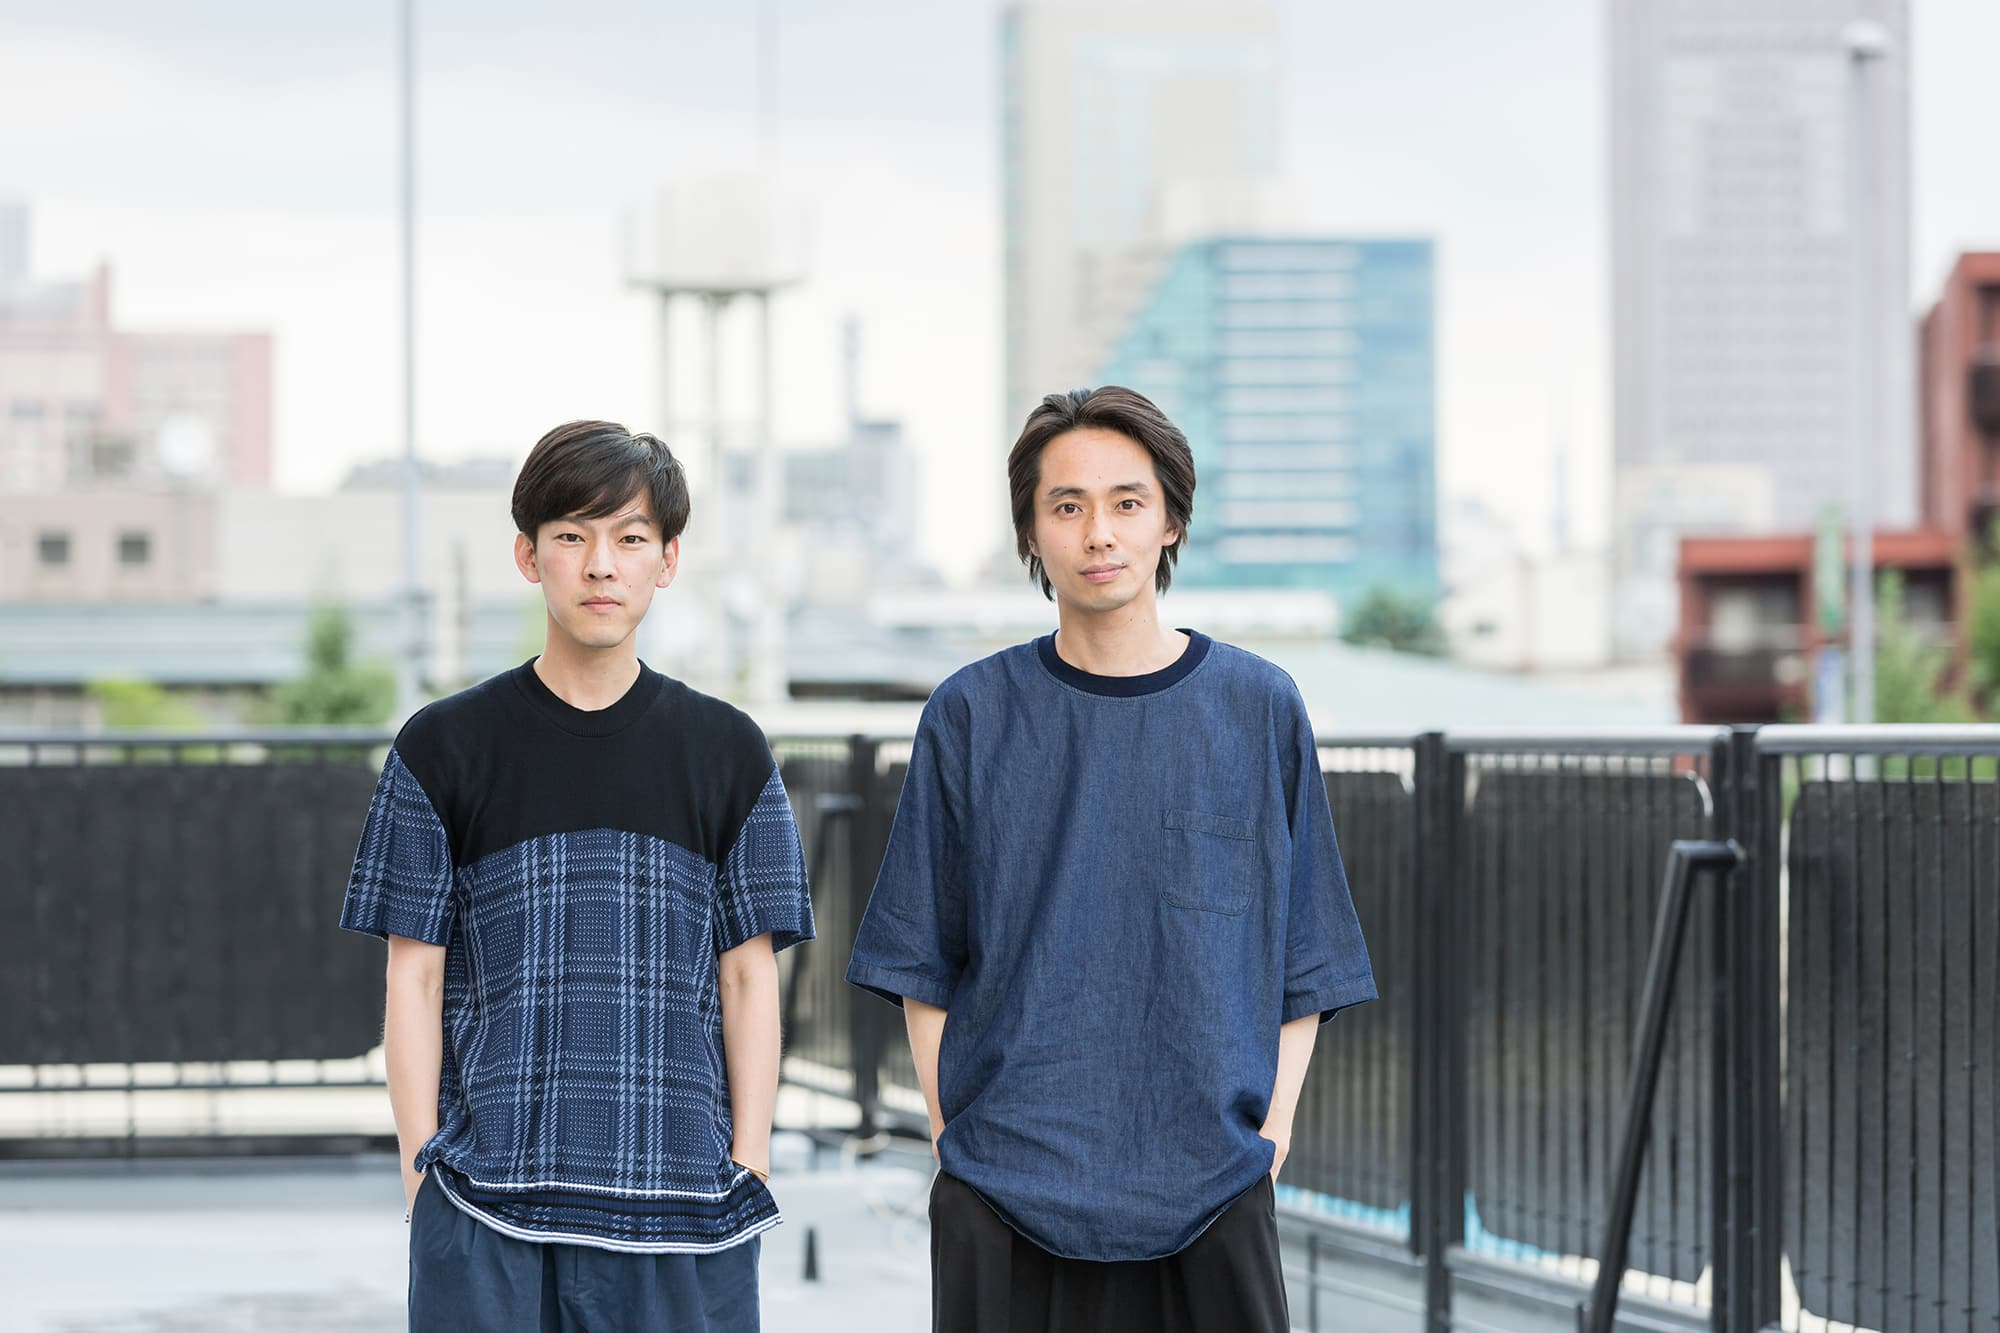 森栄喜×小木戸利光「記憶・声・家族─写真家の眼差しの先にあるもの」 | Talk Eiki Mori × Toshimitsu Kokido